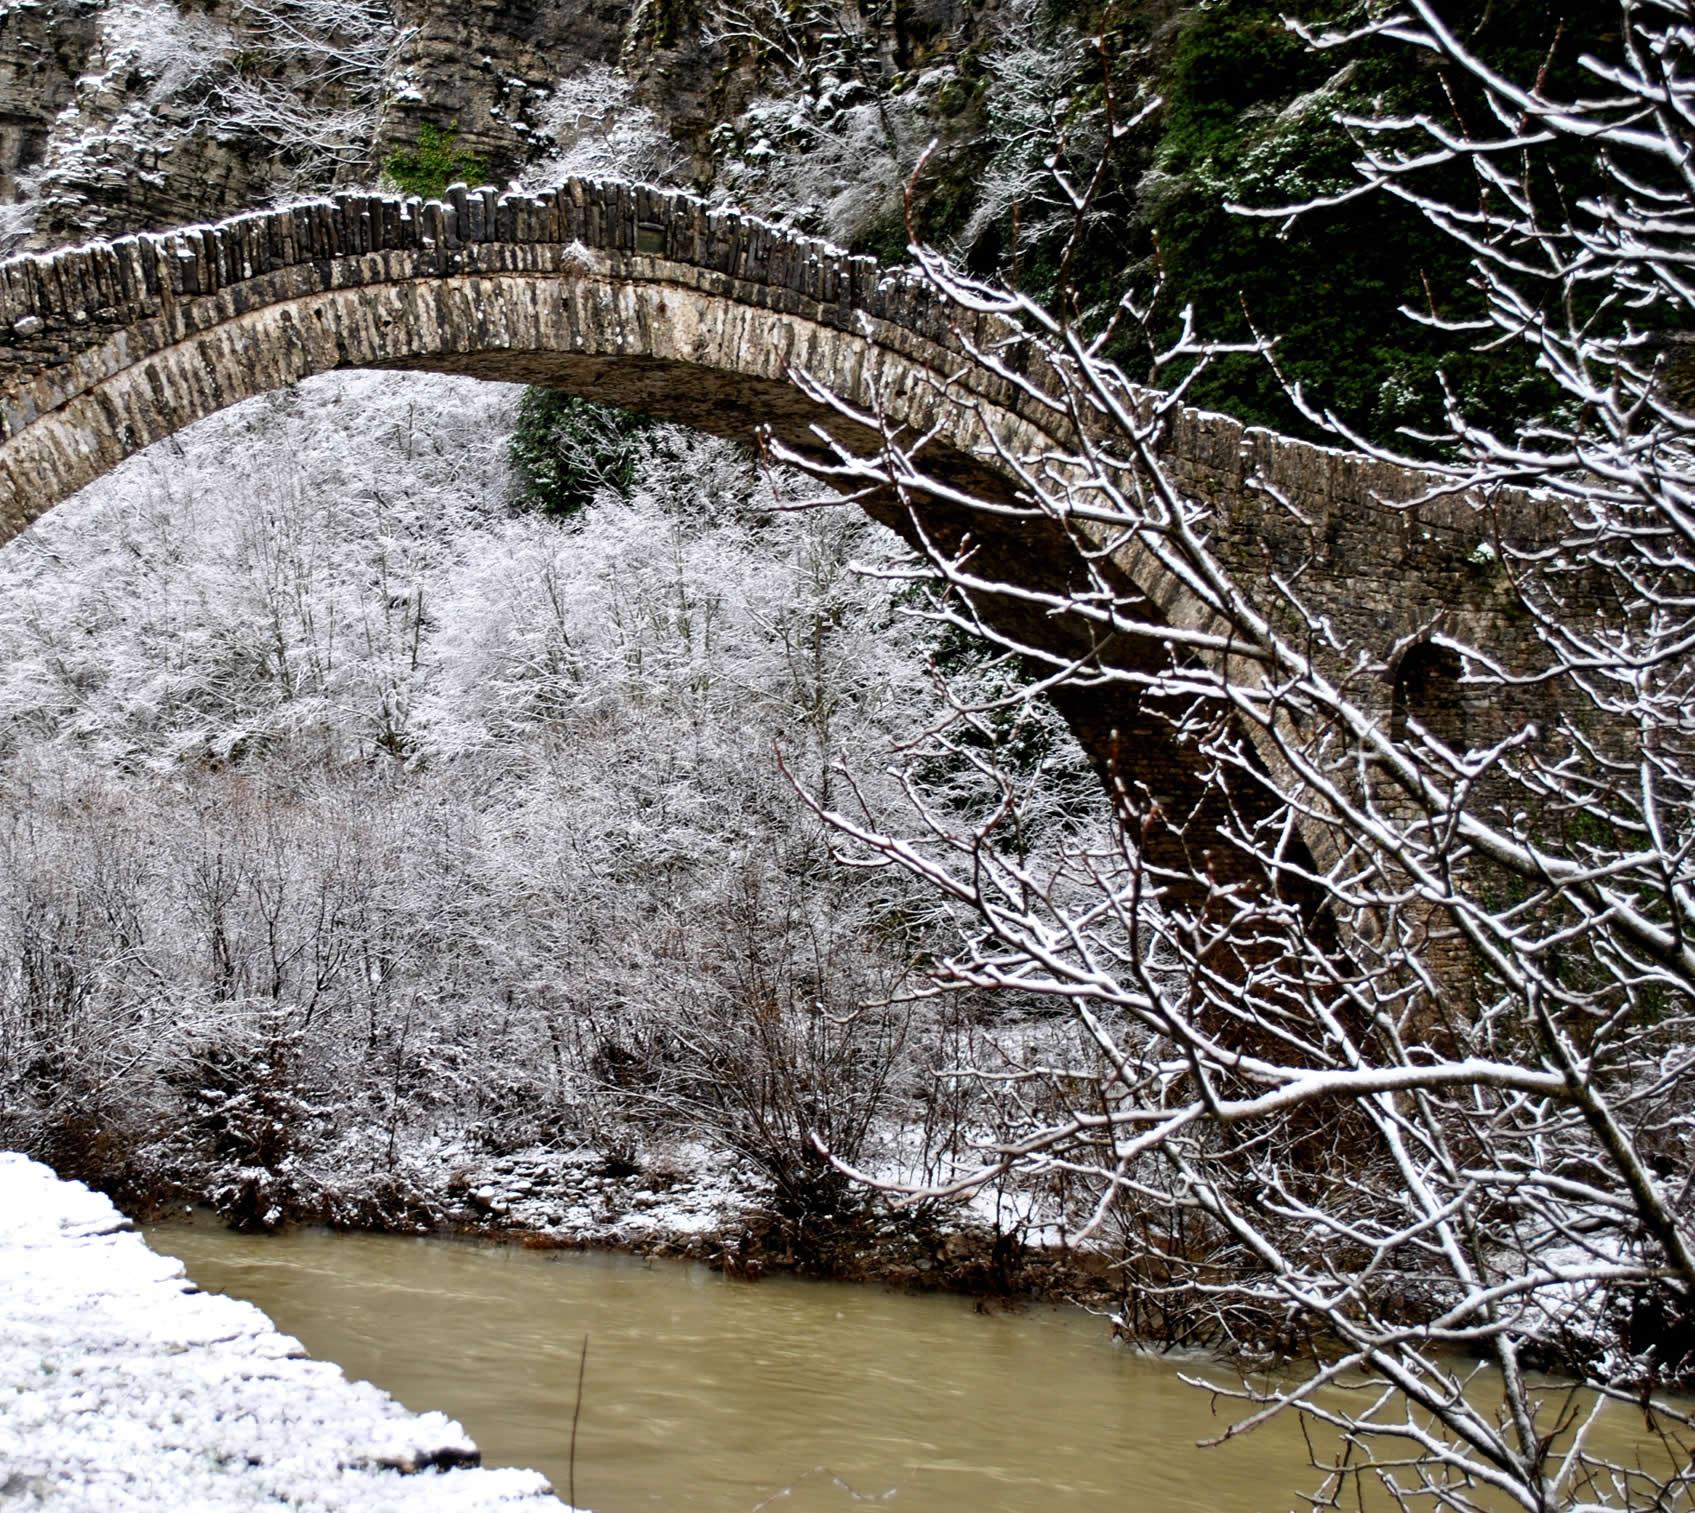 Kokkoris bridge | The biota of an Eco Museum